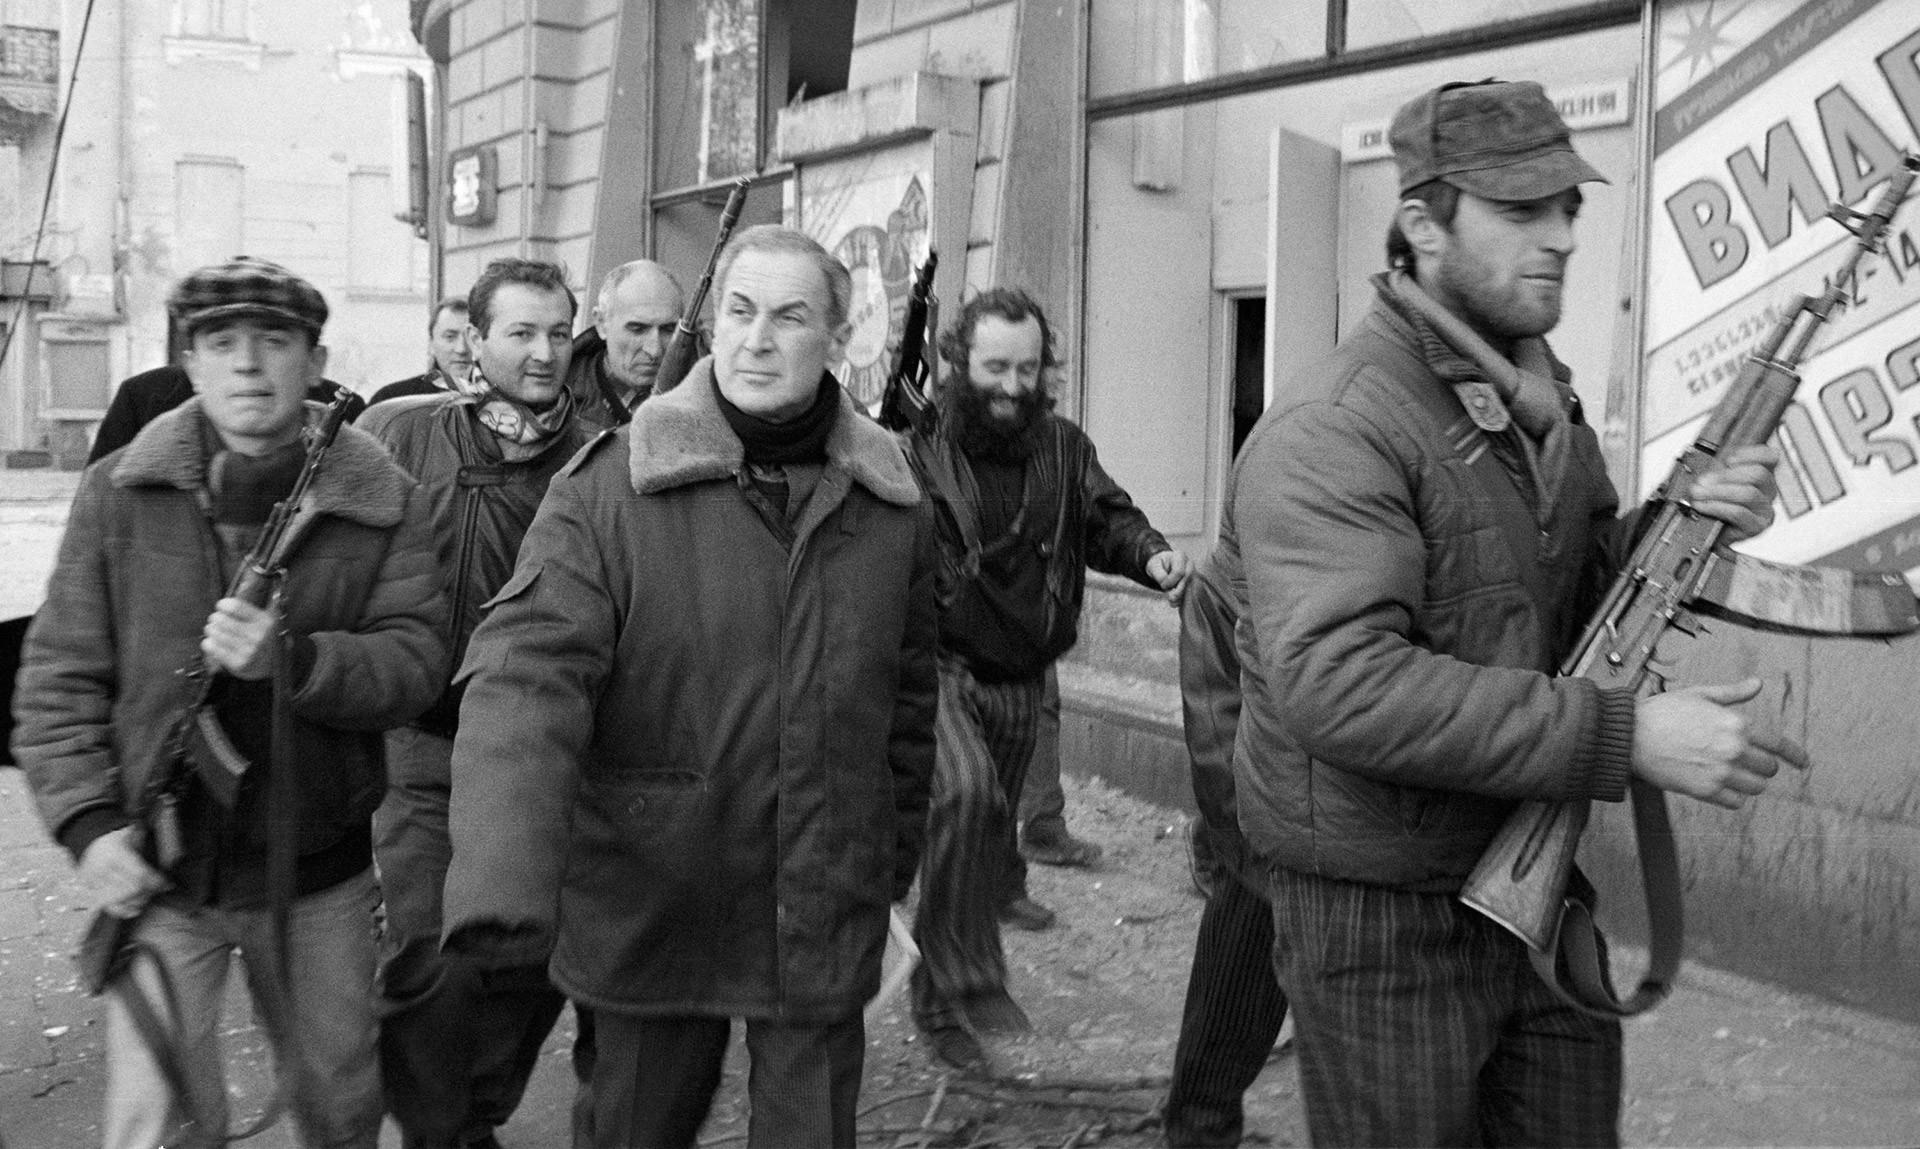 Джаба Иоселиани (в центре) — лидер оппозиции в Грузии